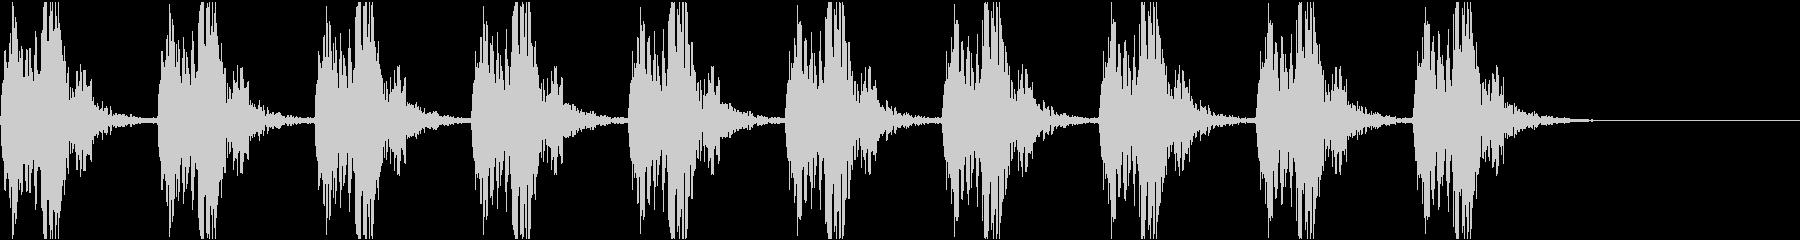 心音 心臓の音 鼓動 01 (ゆっくり)の未再生の波形